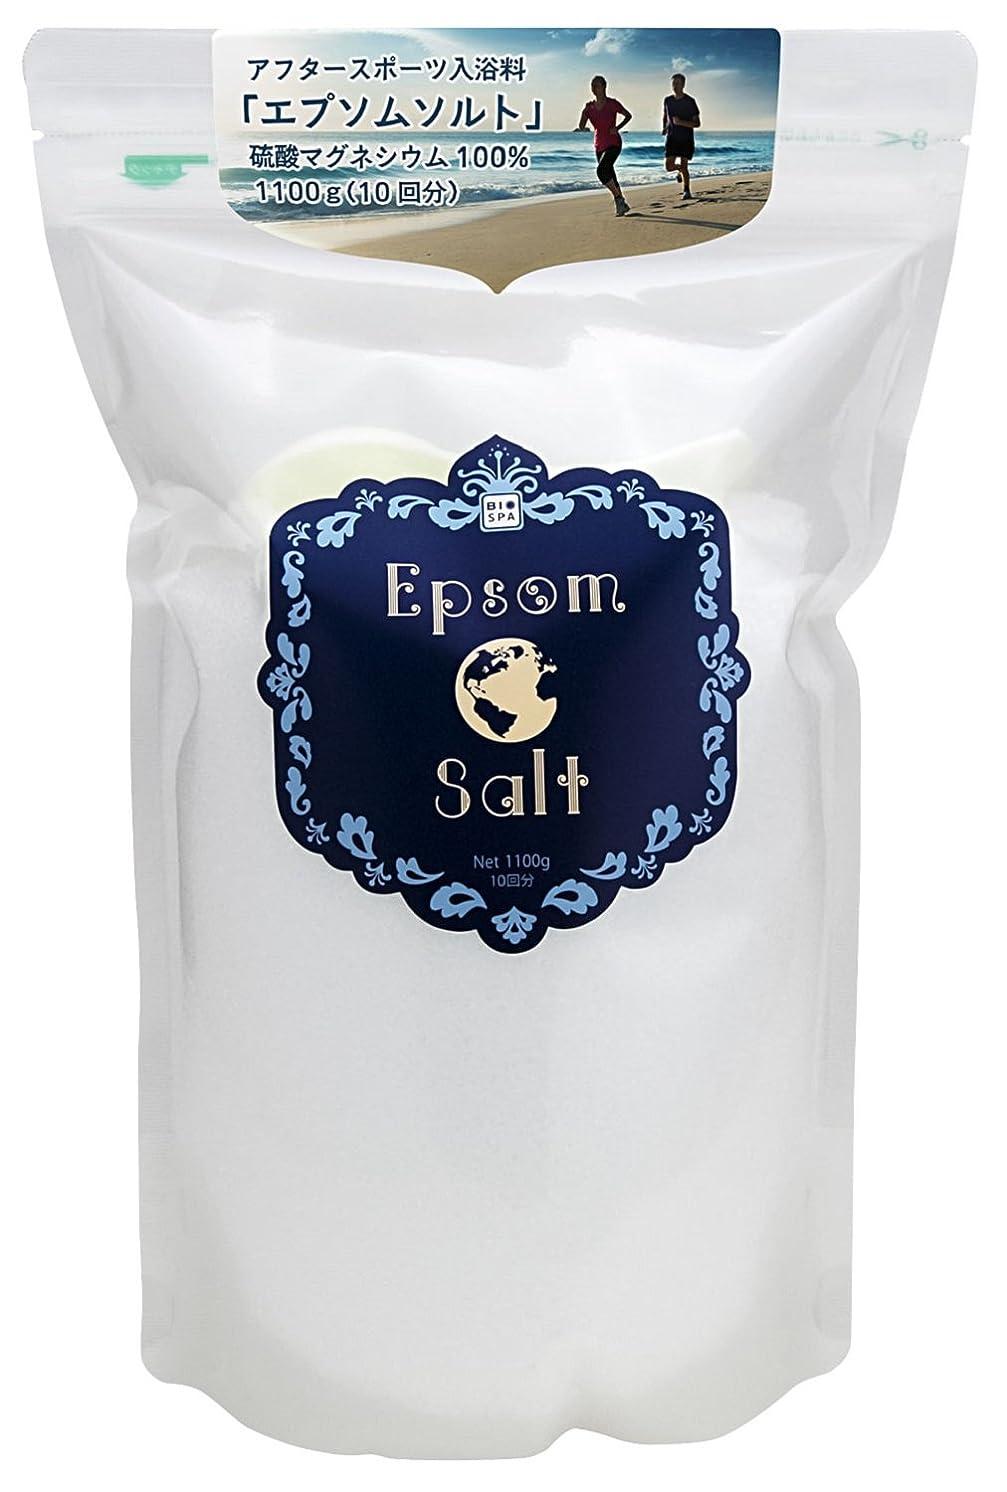 魂アボート酸度BIOSPA(ビオスパ) 入浴剤 エプソムソルト スポーツエディション 1100g 約10回分 軽量スプーン付 EBS403